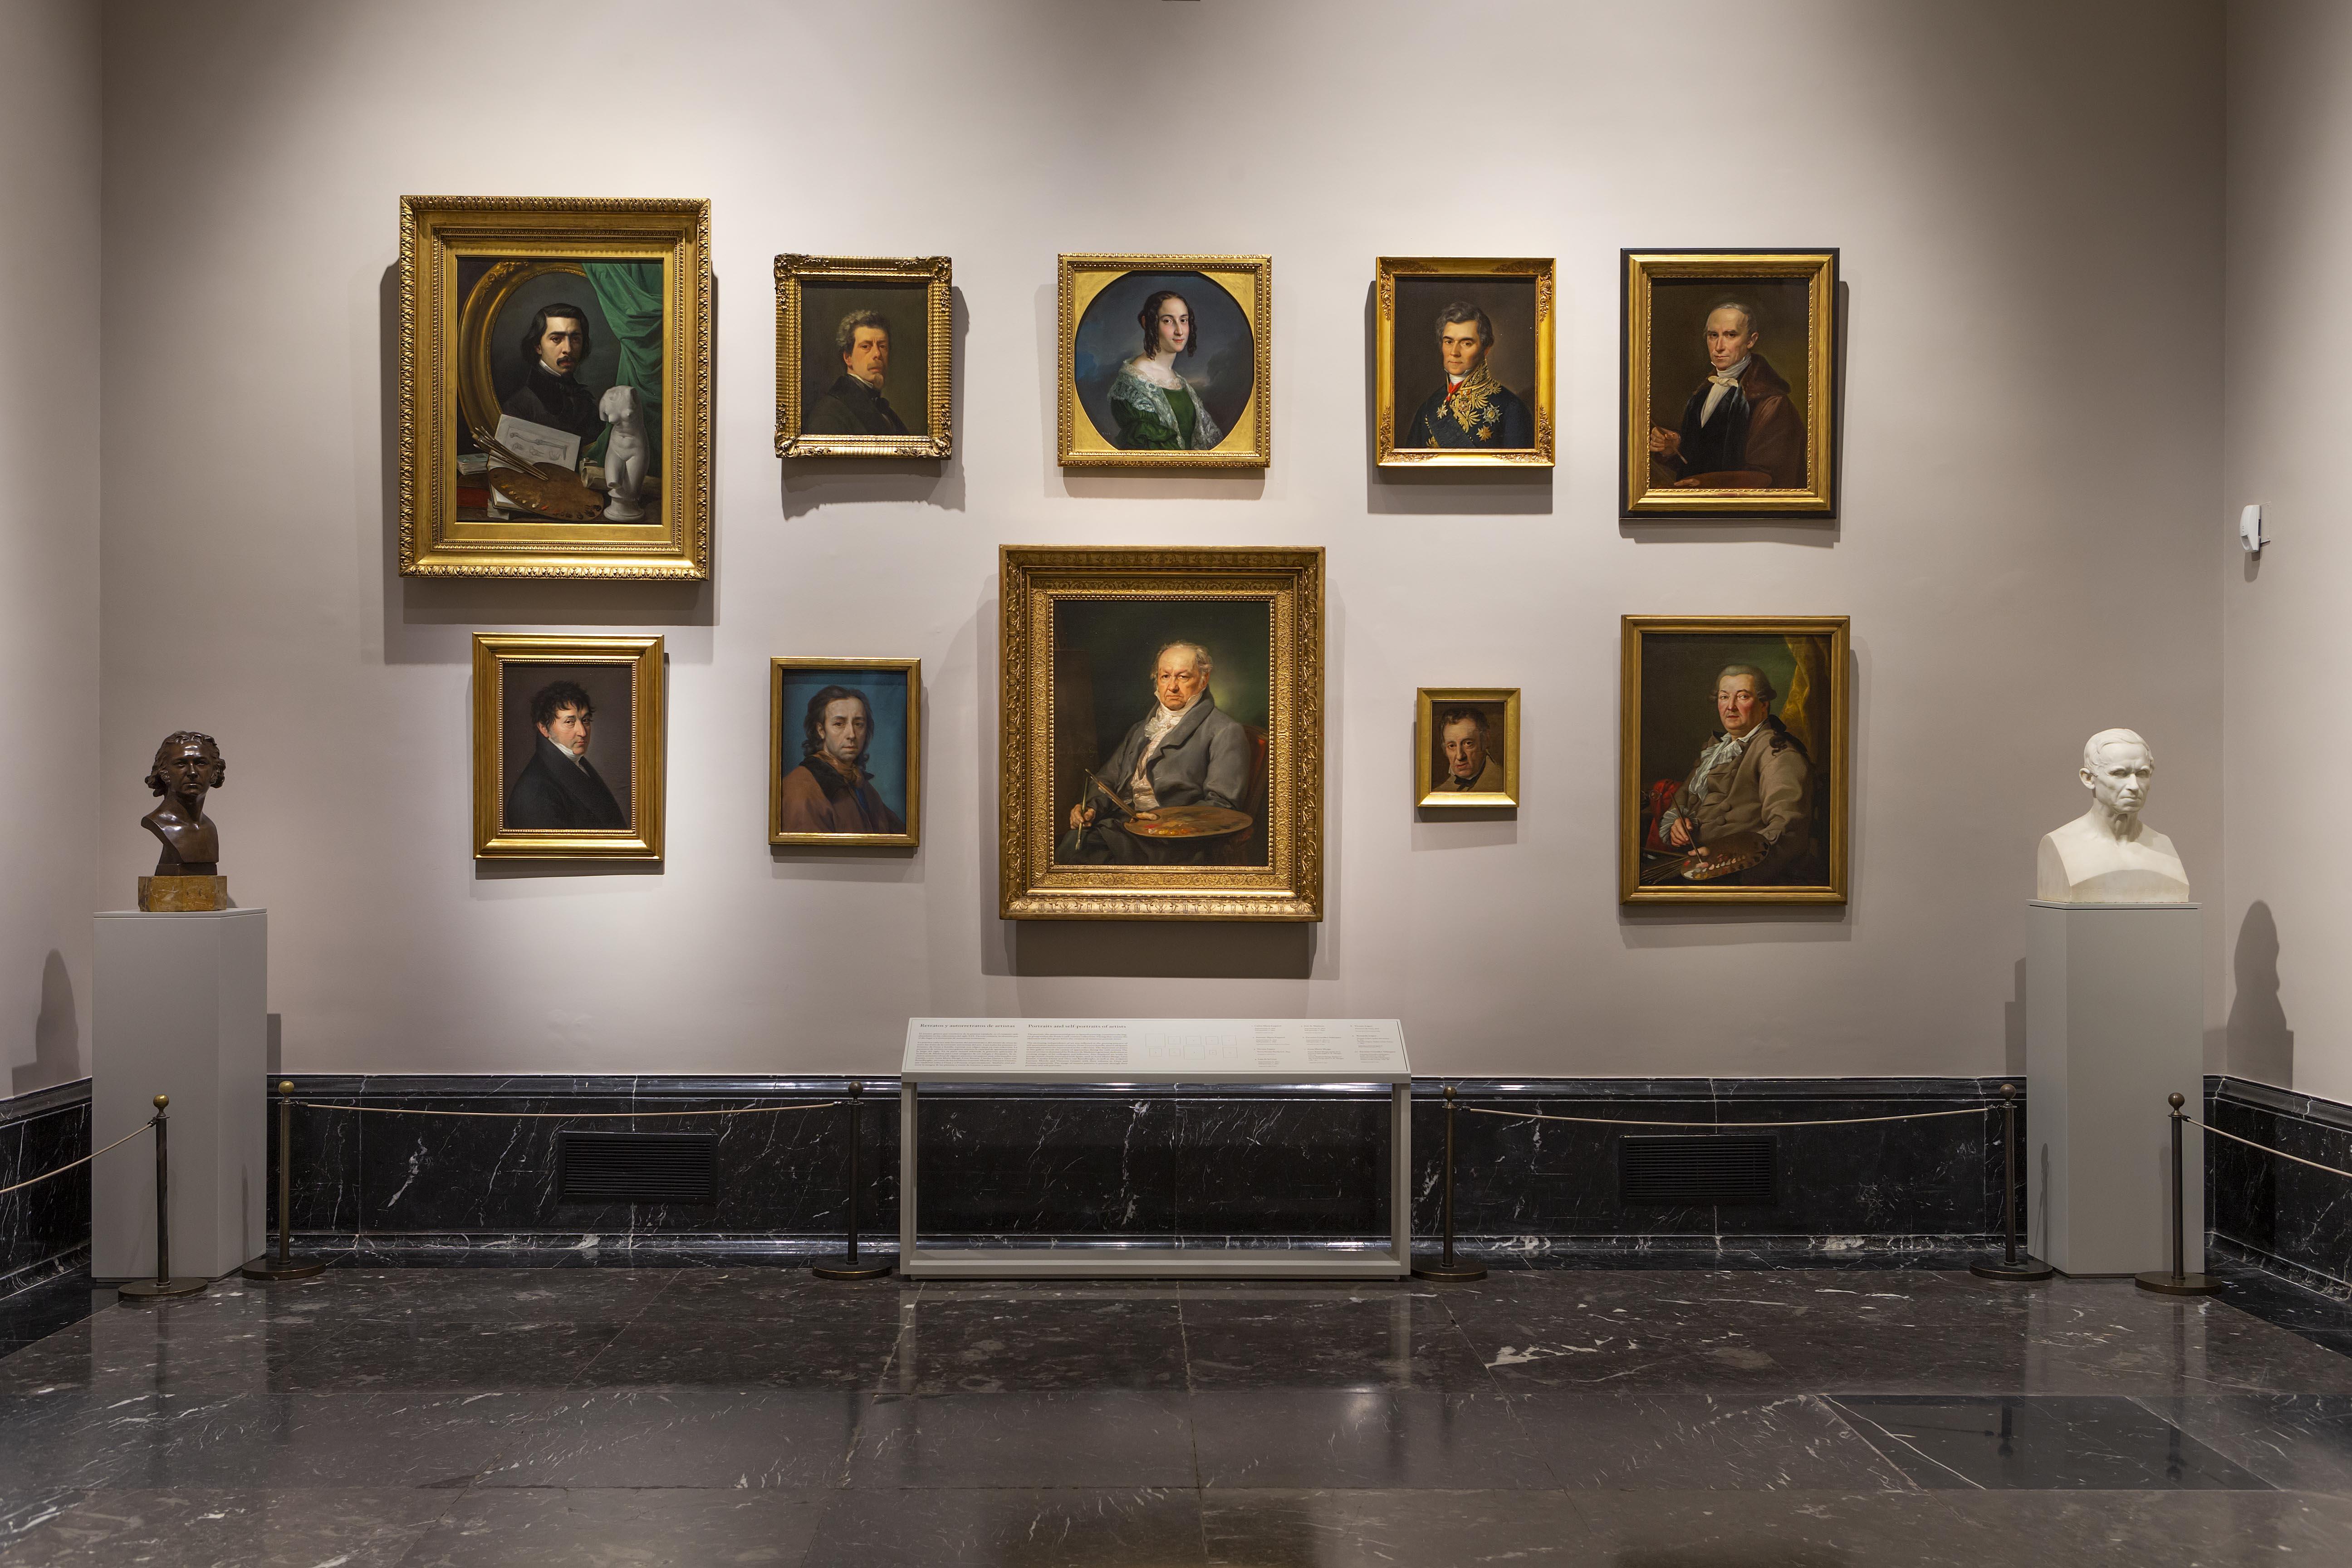 Retratos y autorretratos de artistas. Sala 62 A del Museo Nacional del Prado ©Museo Nacional del Prado